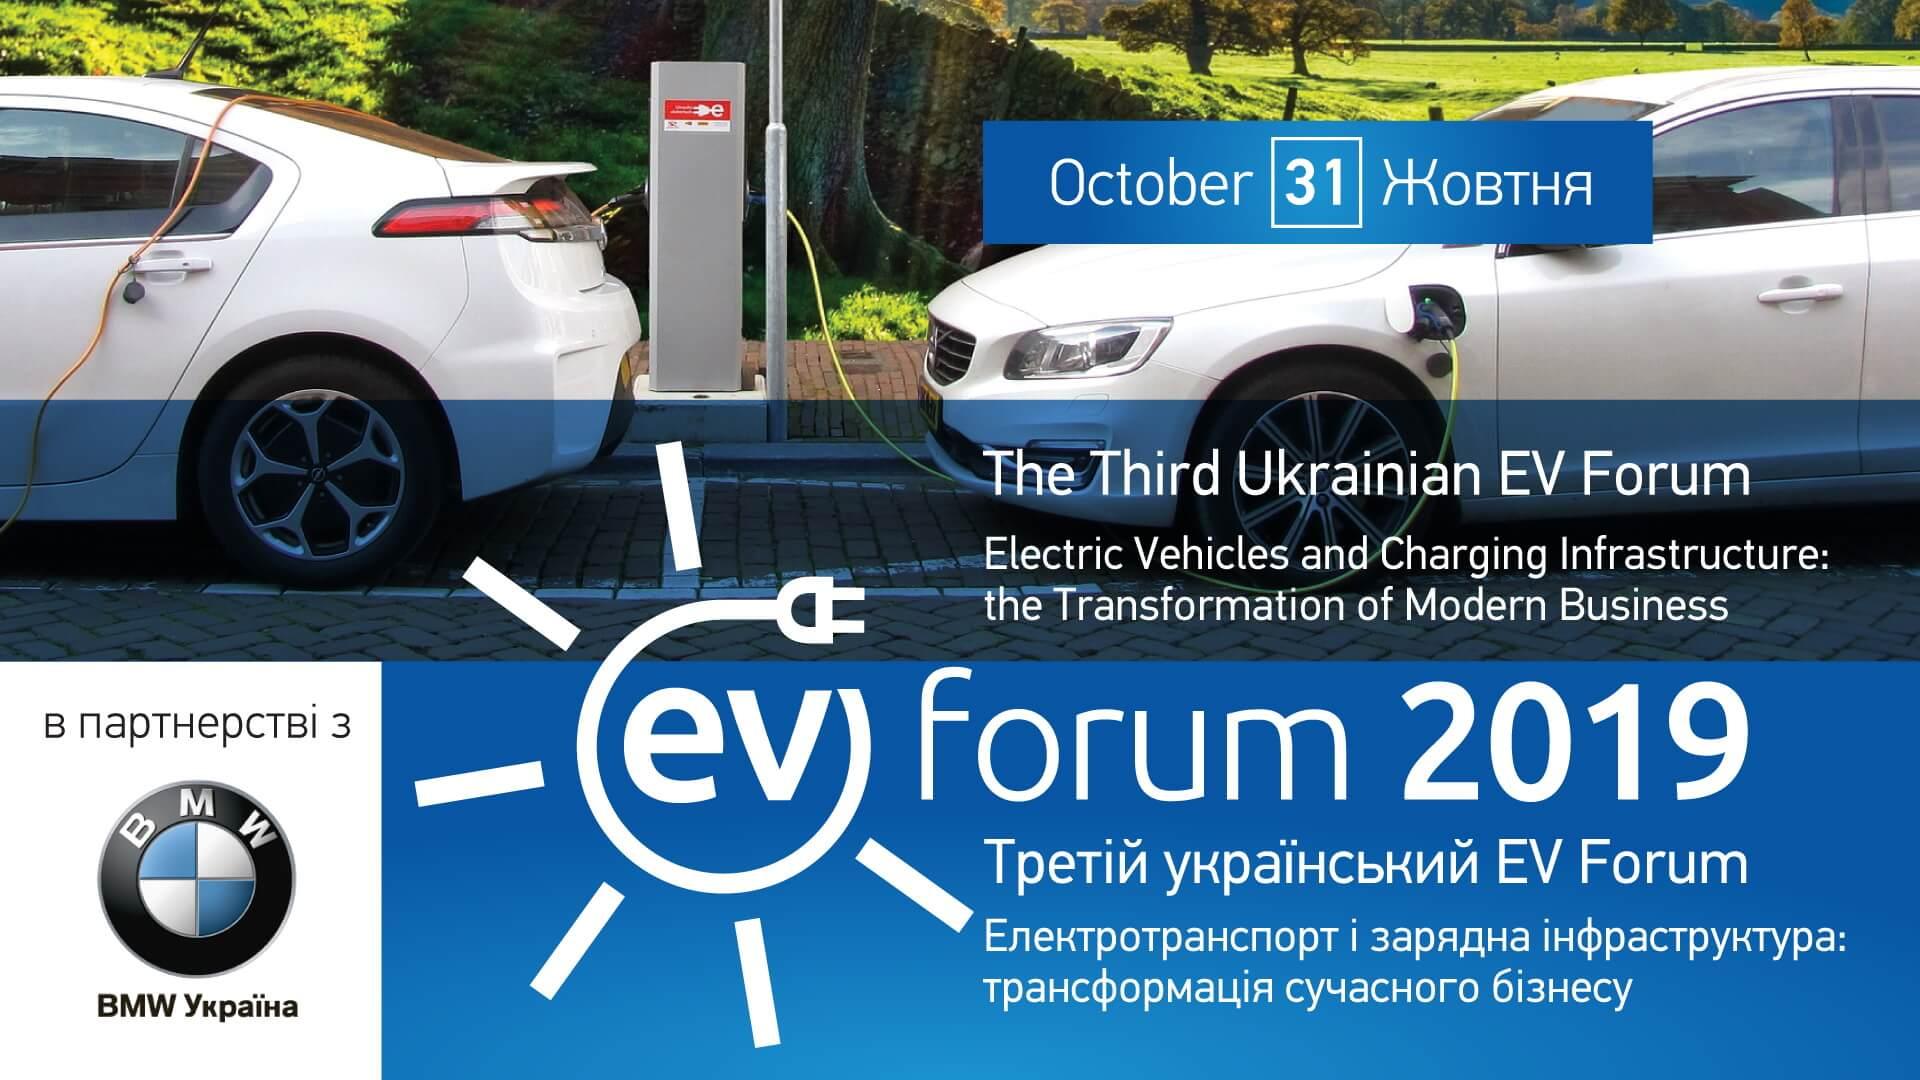 Що ще нового з'явилося для відвідувачів EV-Forum 2019?